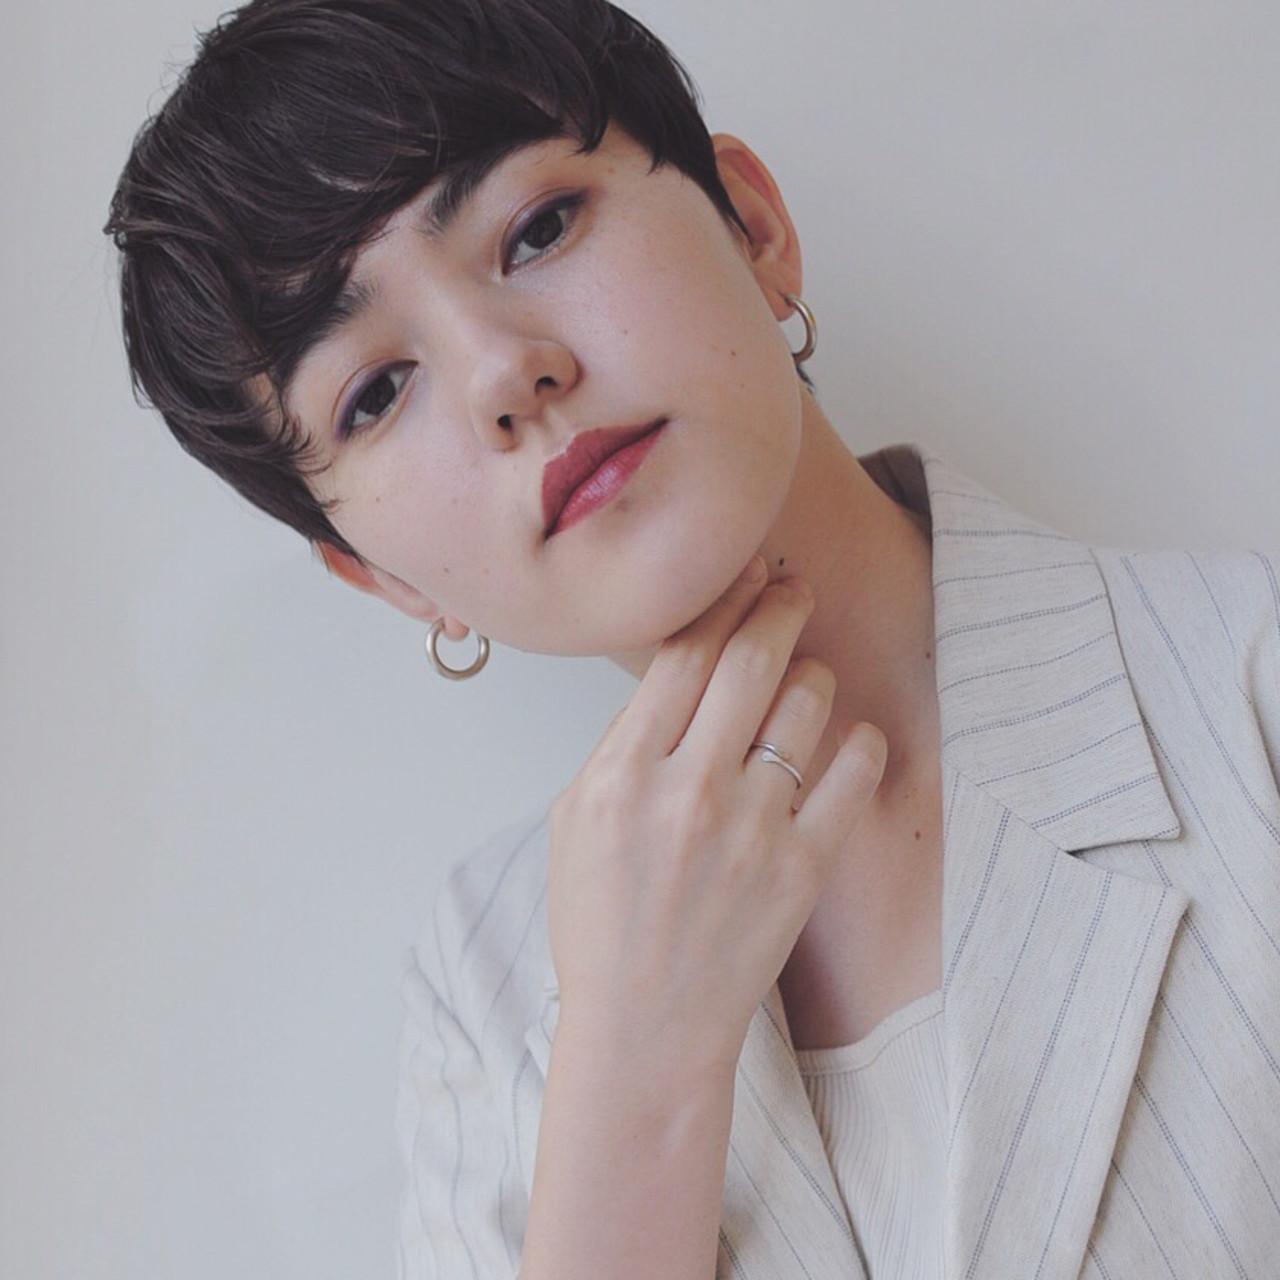 ベリーショート 黒髪 ショート ナチュラル ヘアスタイルや髪型の写真・画像 | 小走 祥菜 / tricca daikanyama